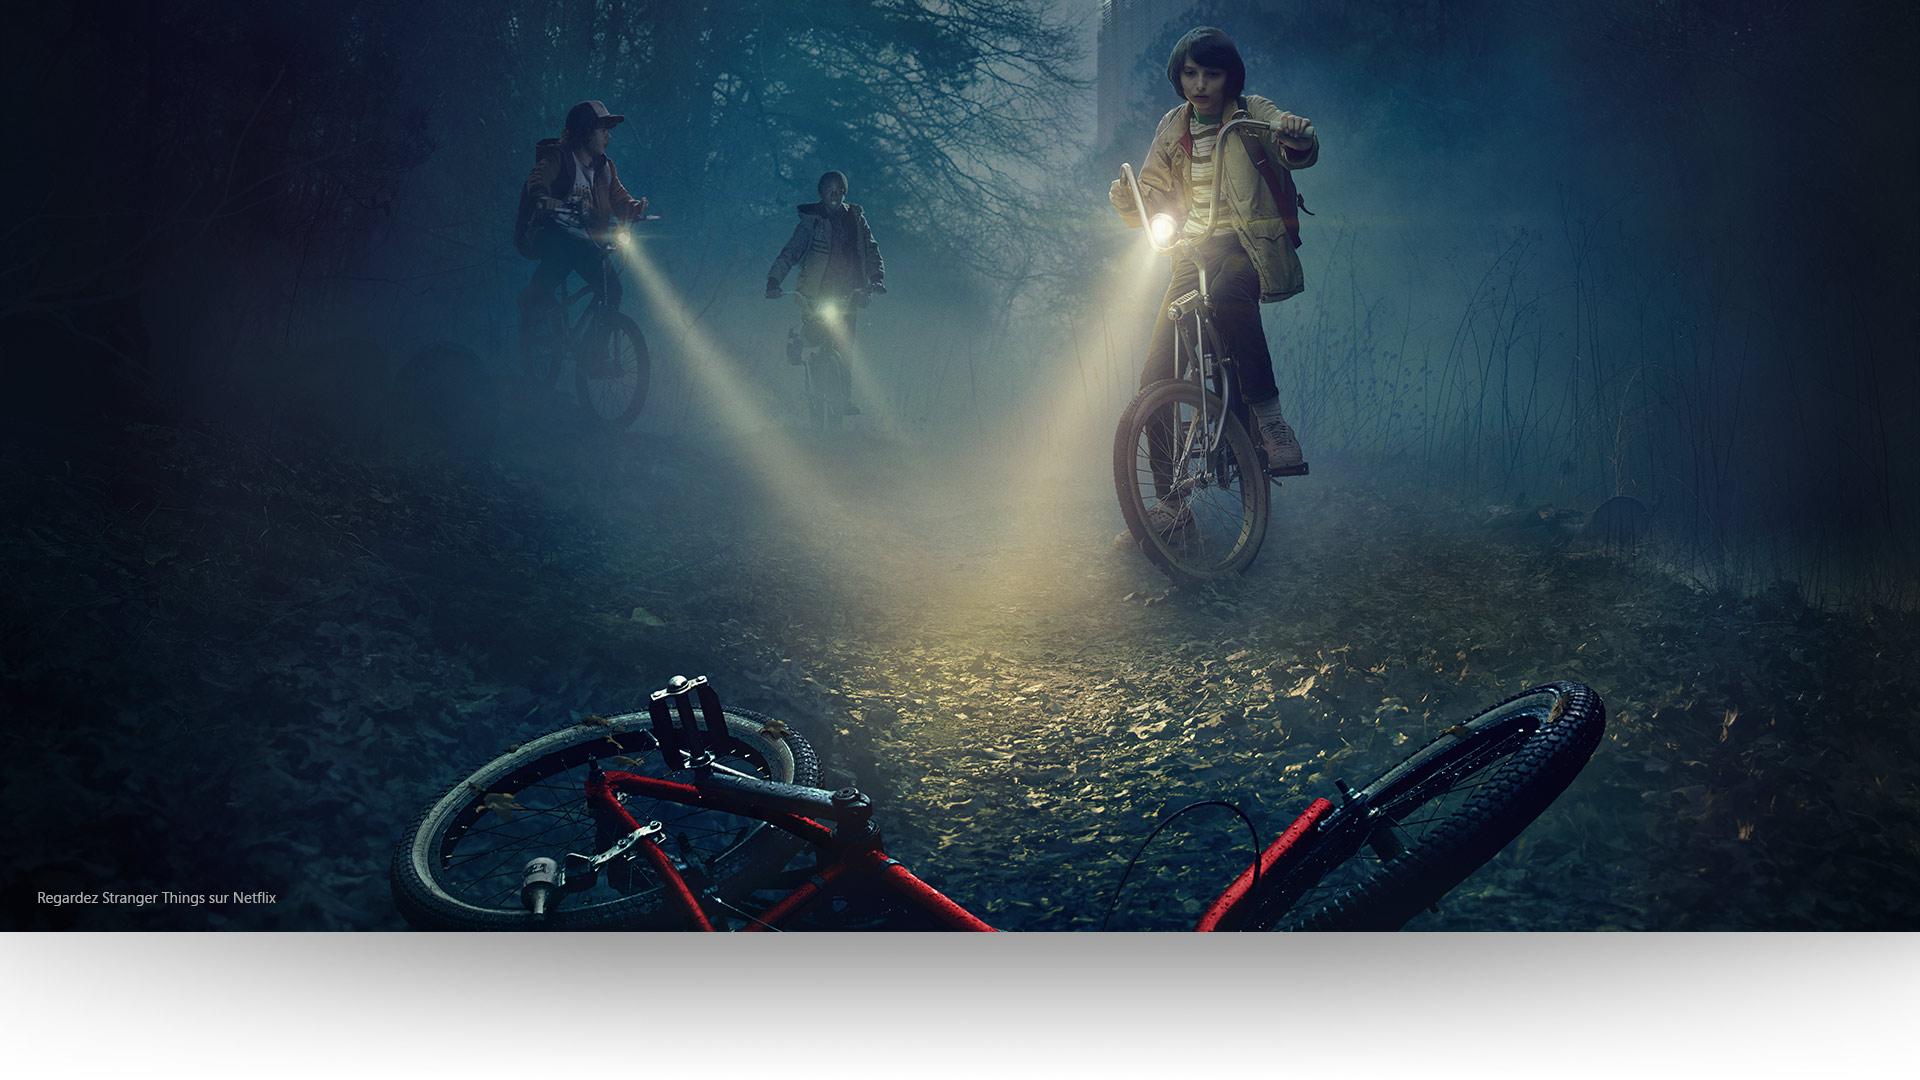 Les enfants de Stranger Things découvrent un vélo dans les bois